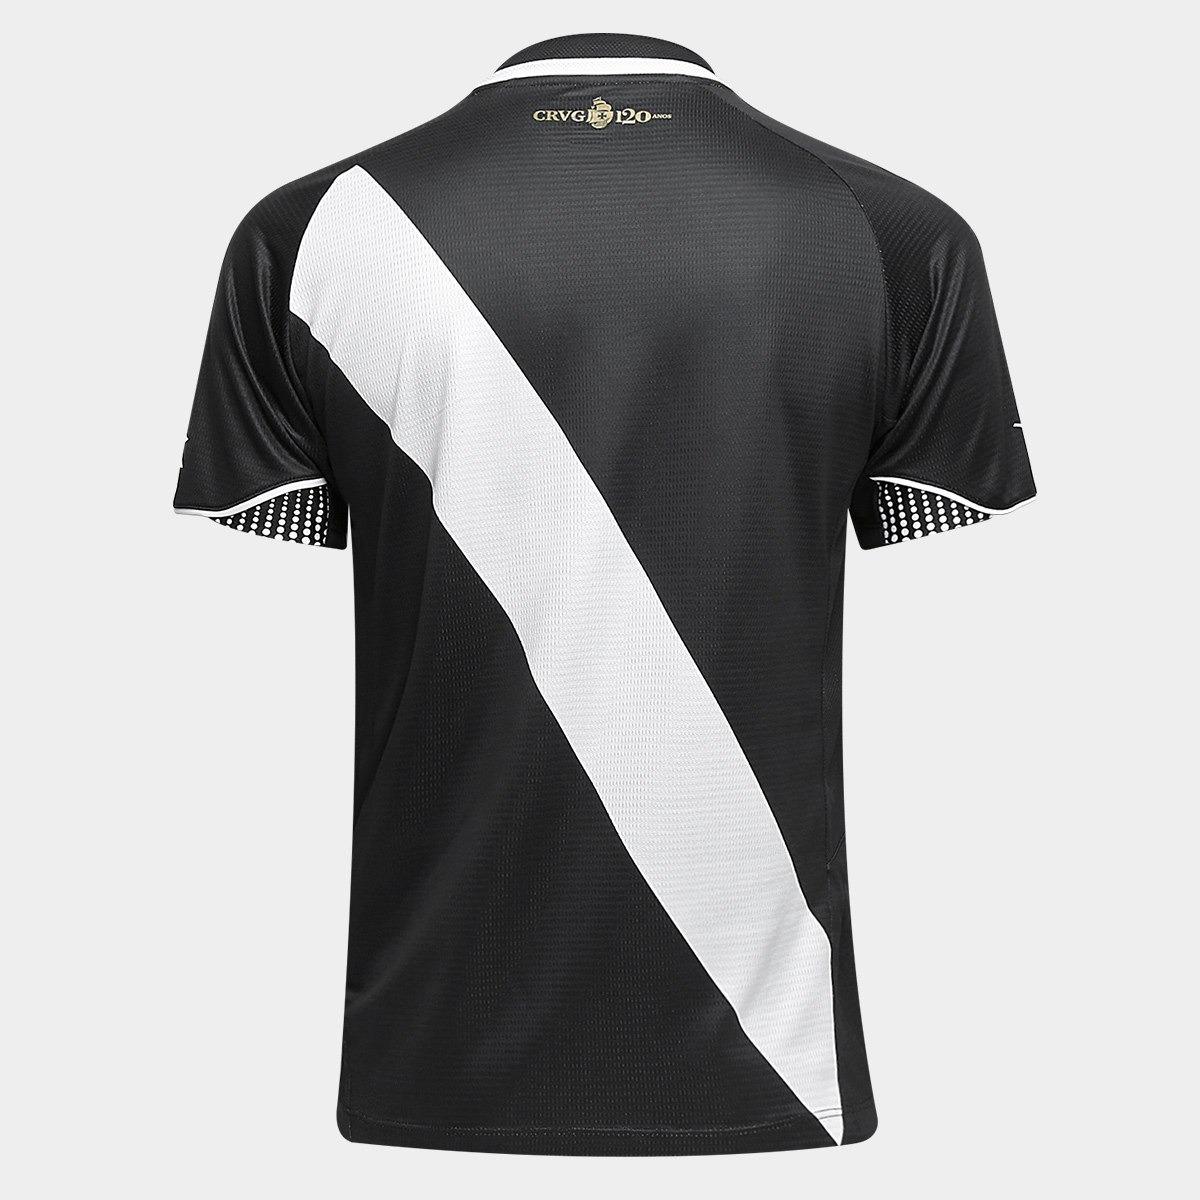 e52d2c21e1 Nova Camisa Vasco Oficial Torcedor 18 19 - Frete Grátis! - R  149